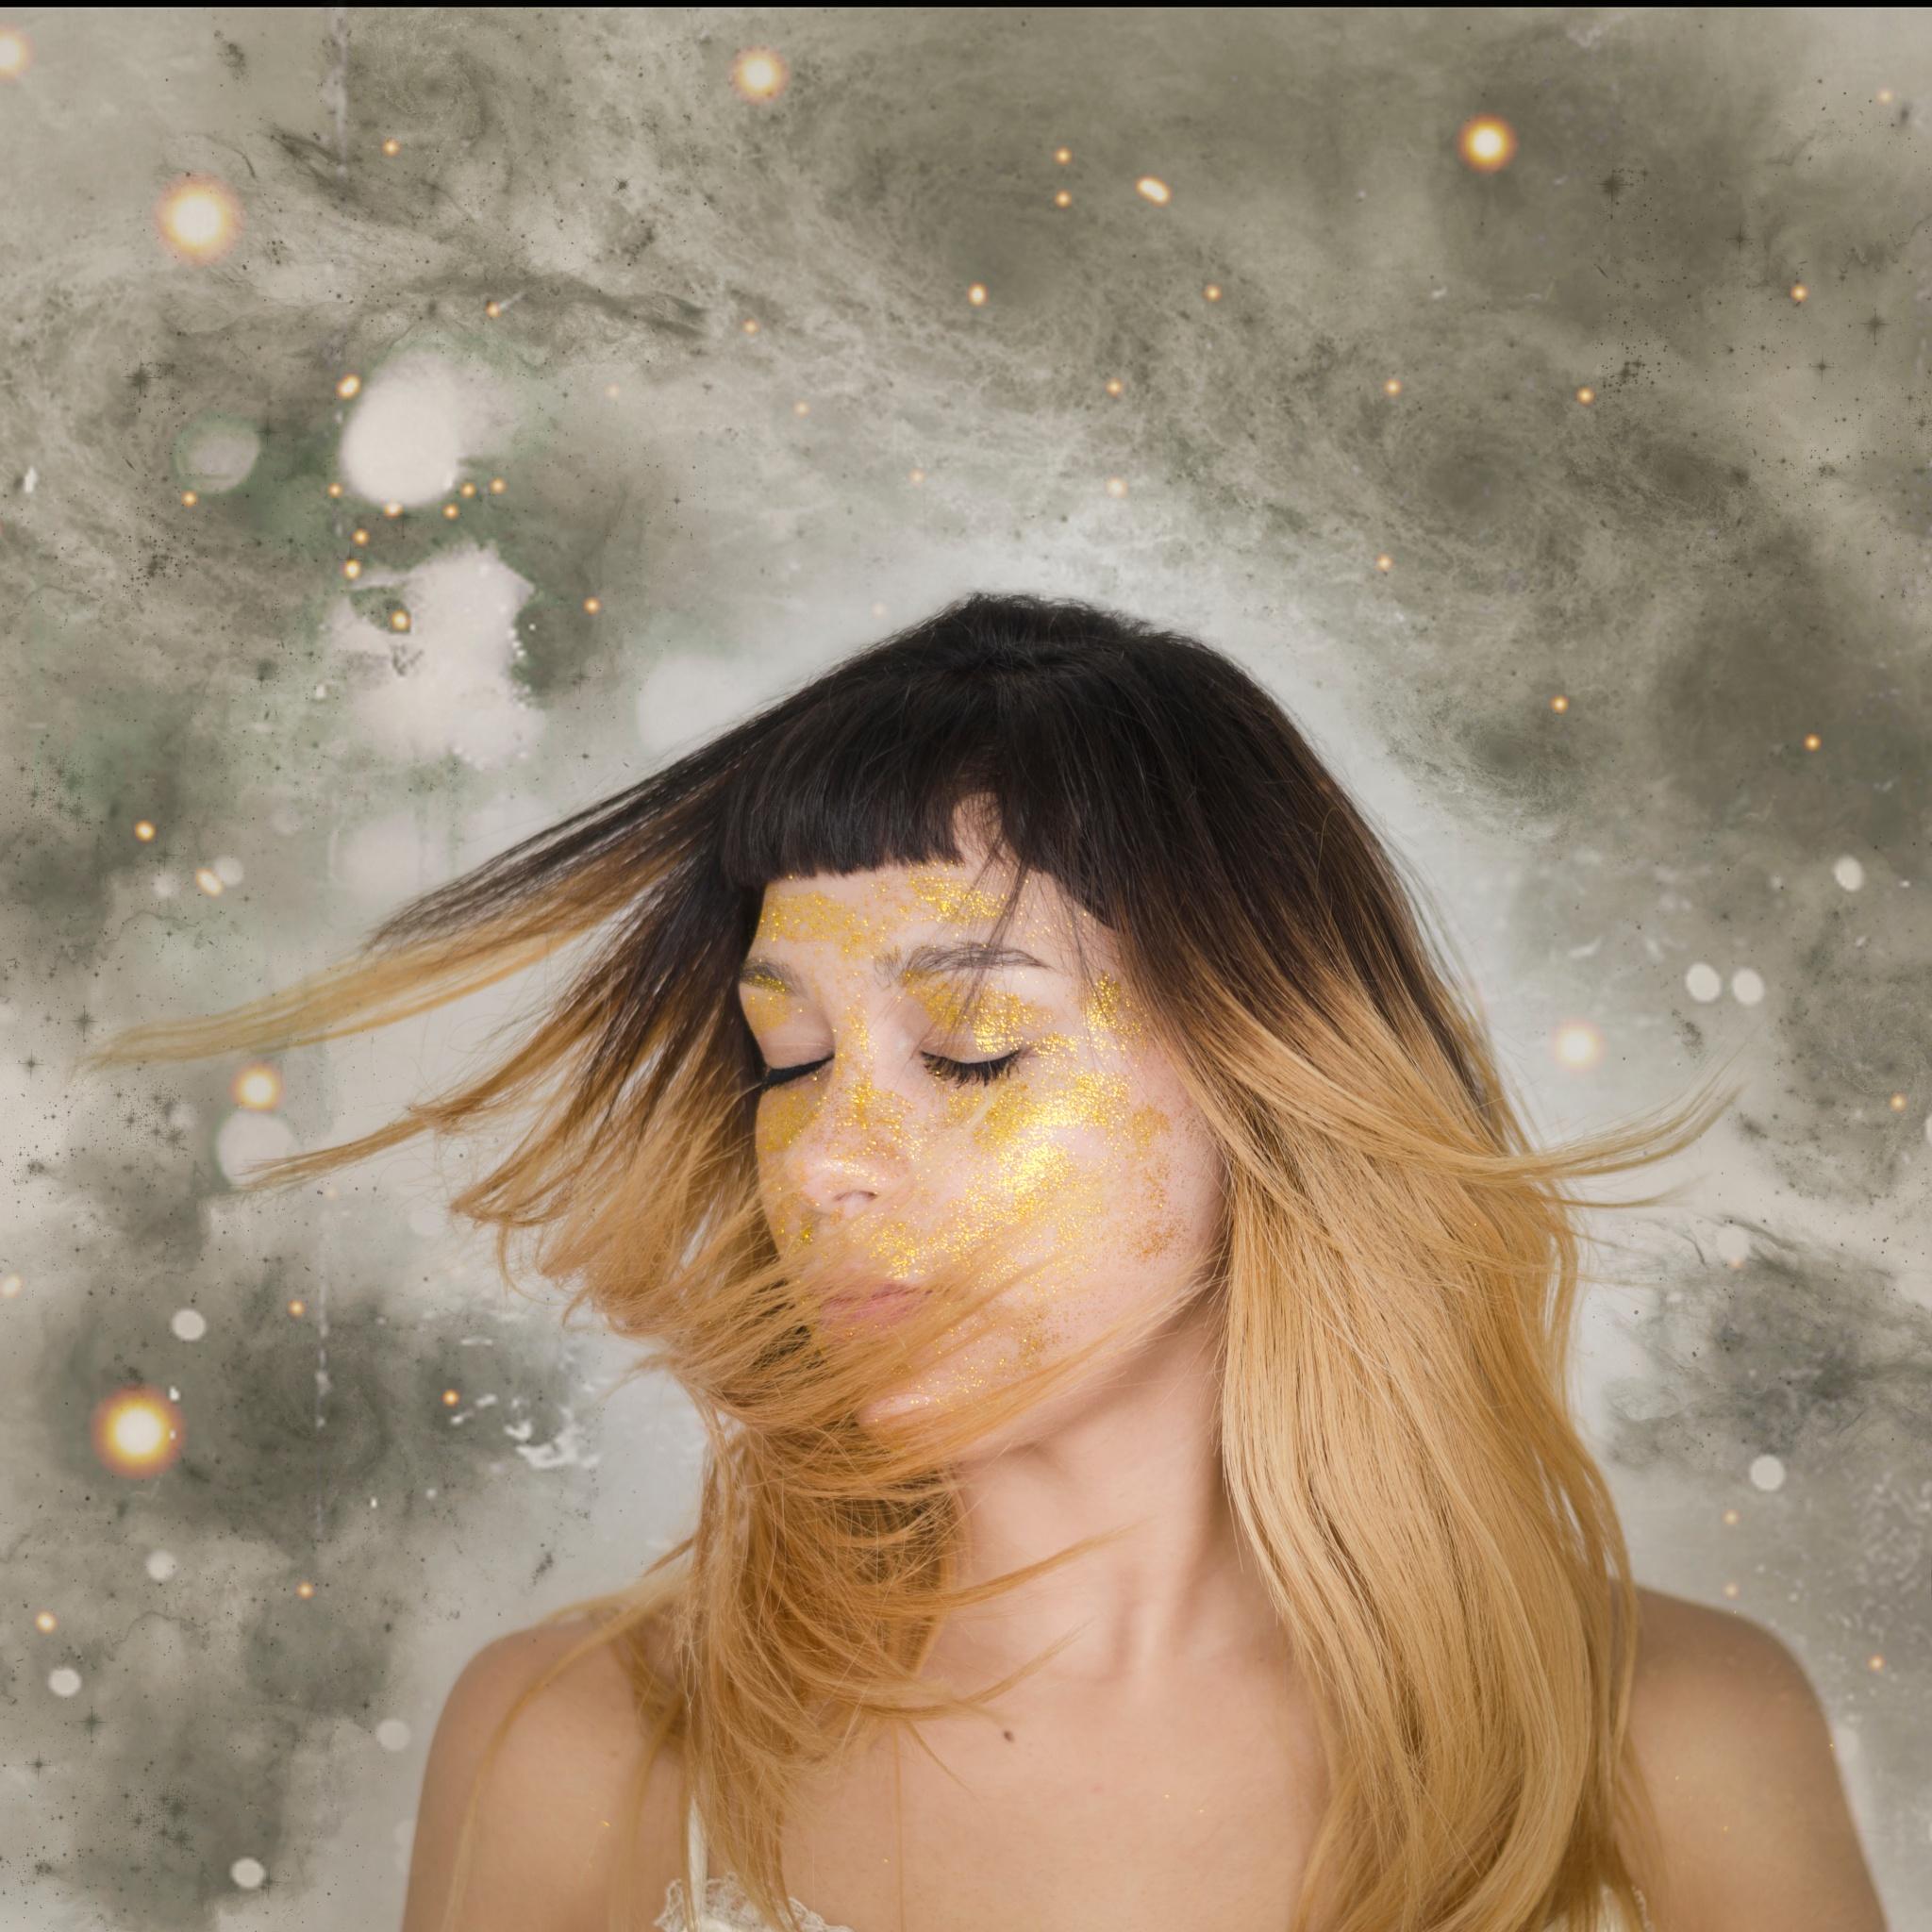 espacio by Melanie Rodriguez